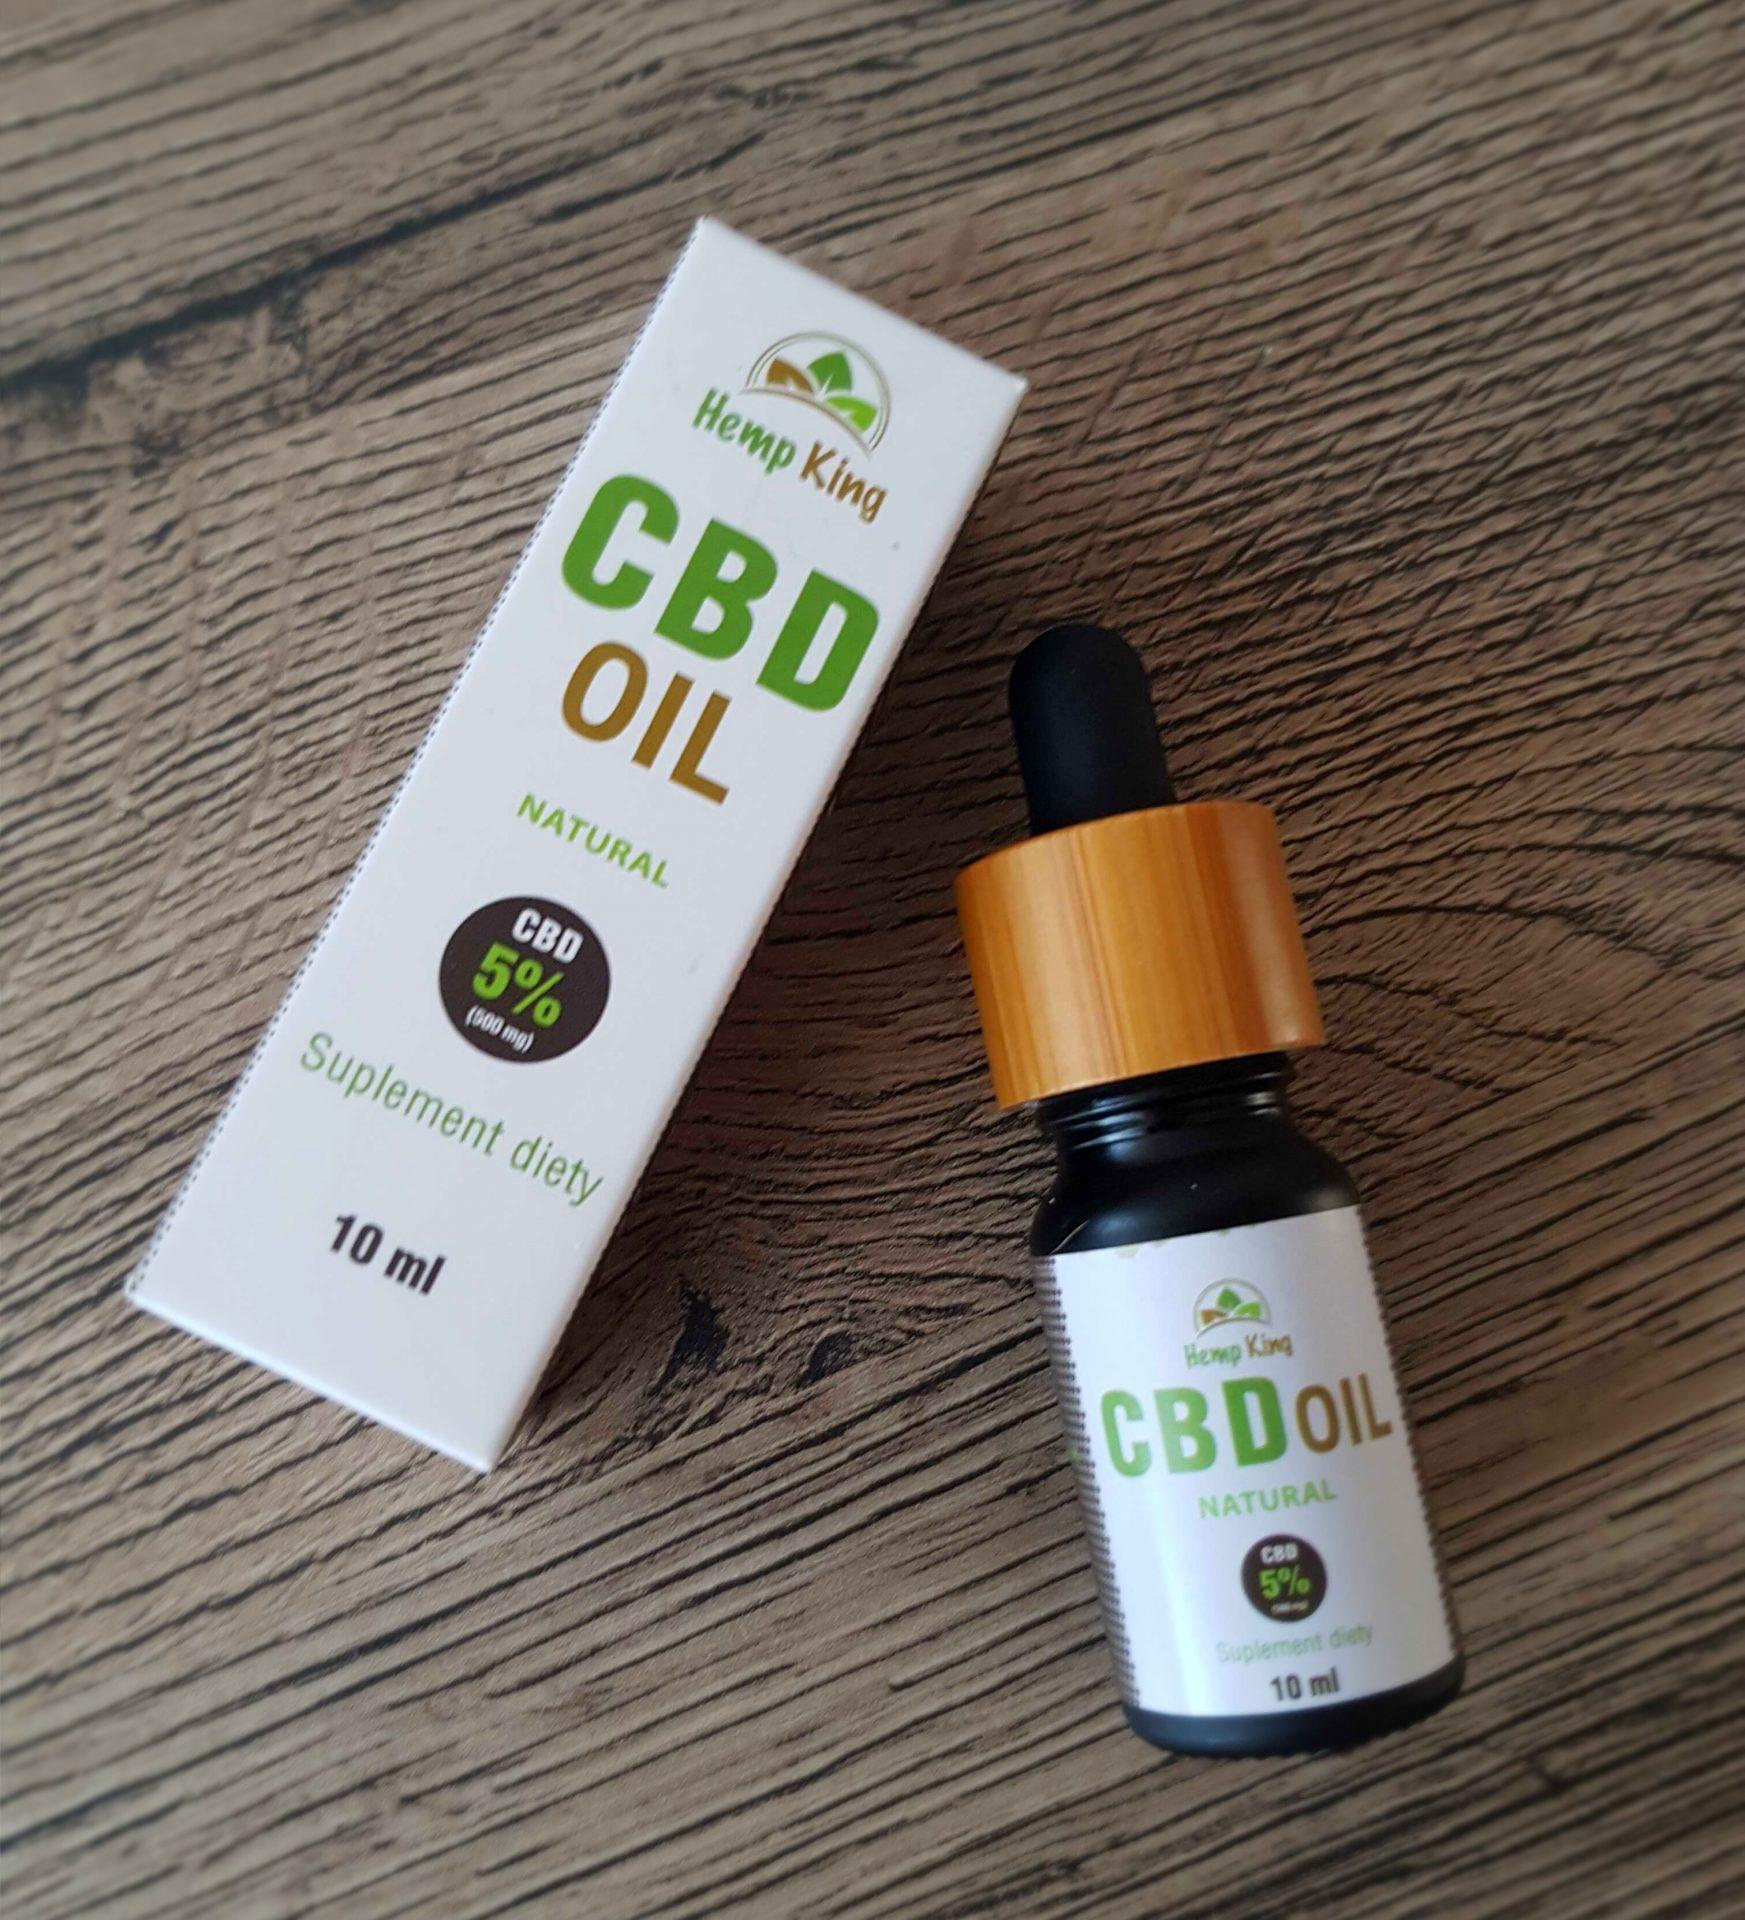 Oleje konopne CBD działanie i zastosowanie